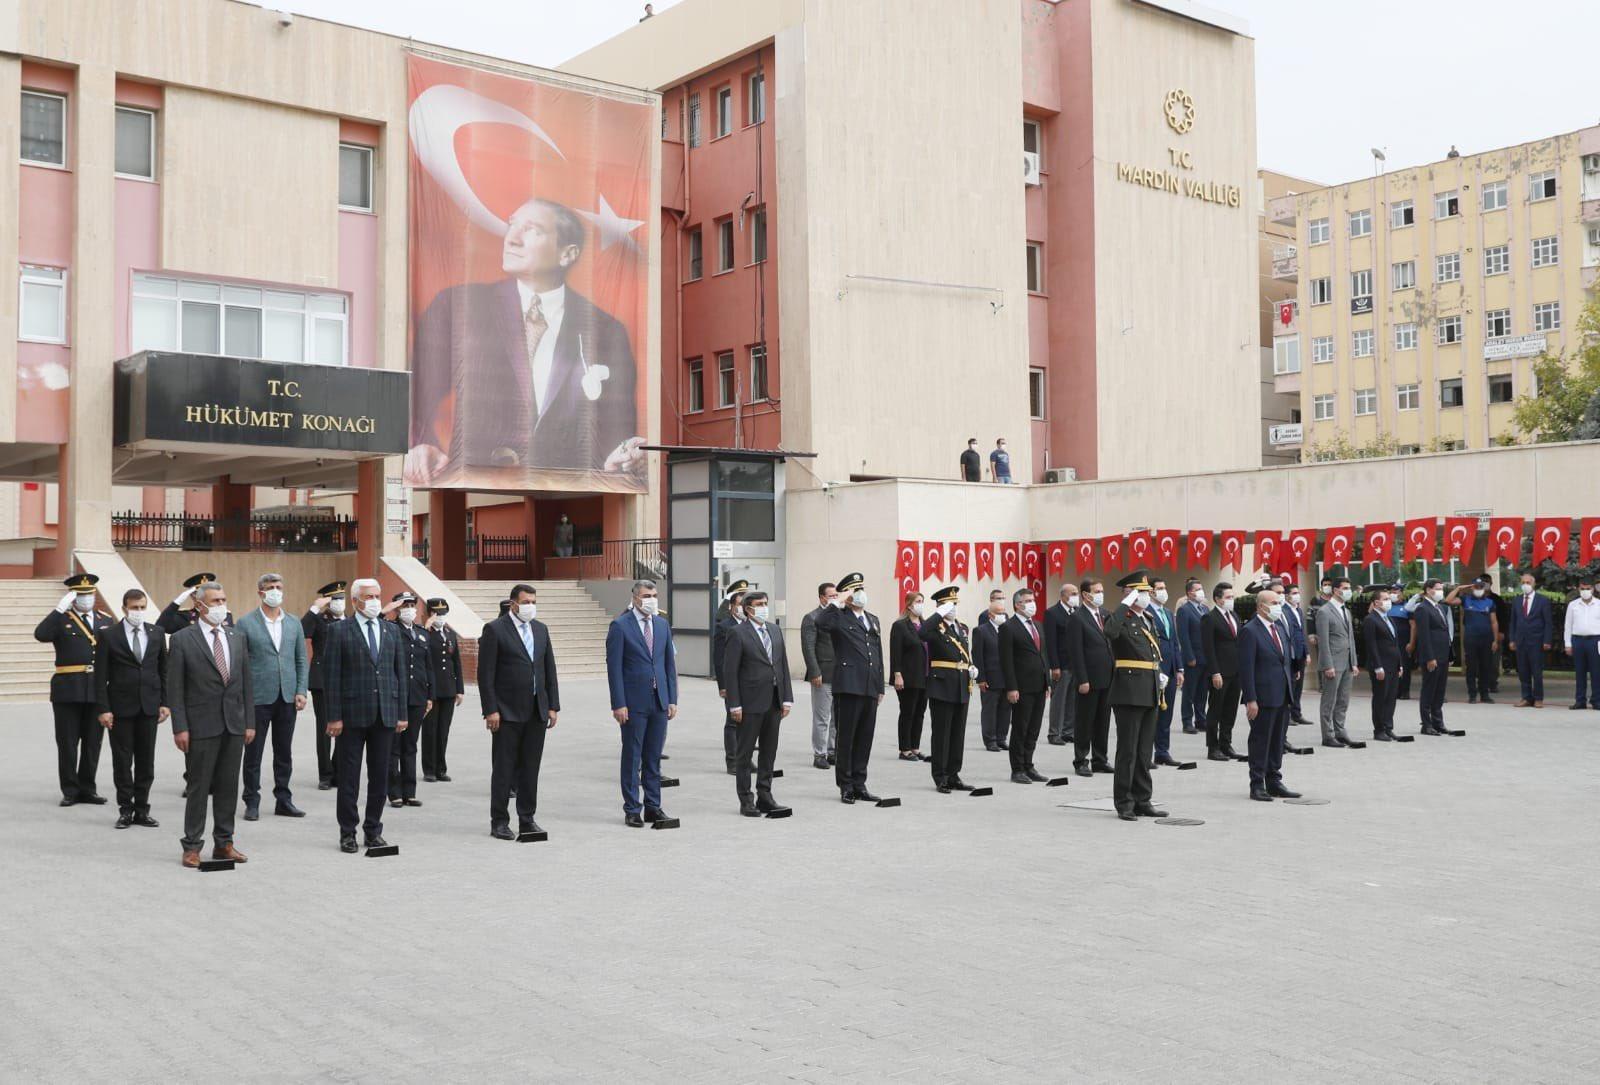 Mardin'de Cumhuriyet Bayramı Kutlamaları Çelenk Sunumuyla Başladı